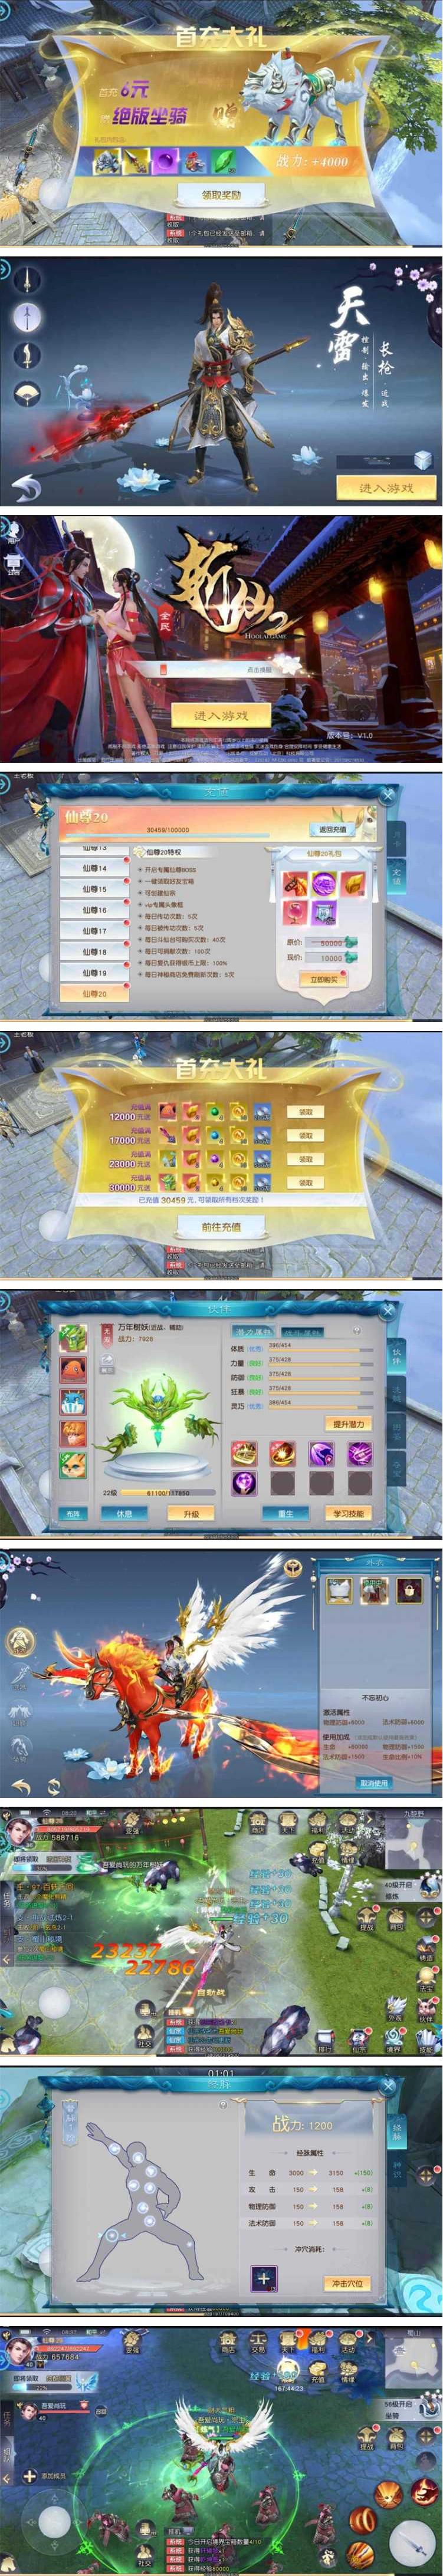 手游[斩仙2]虚拟机镜像一键启动服务端+客户端+物品ID+GM邮件后台+启动教程